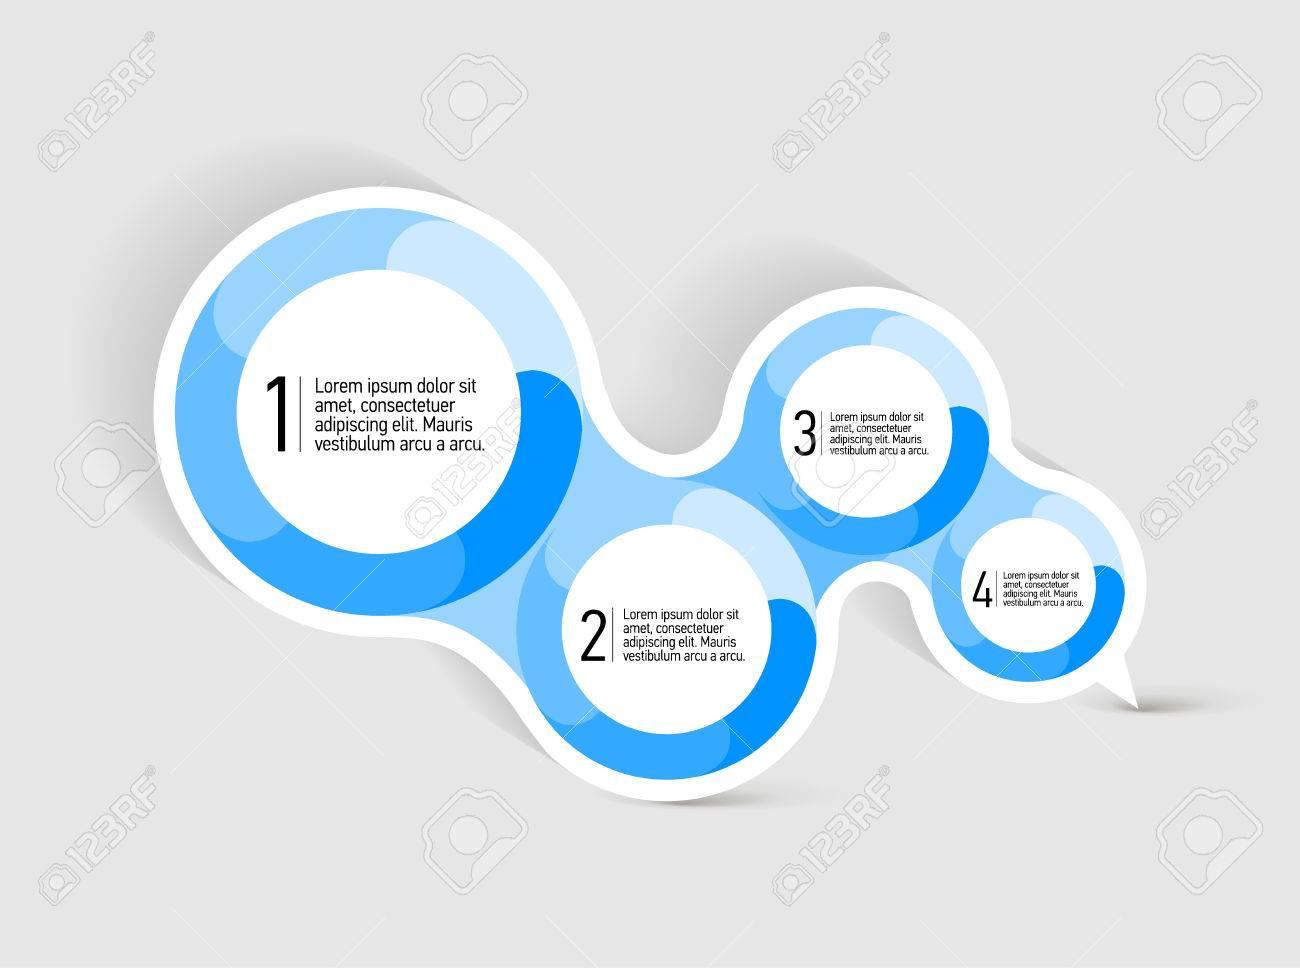 Burbuja Discurso Atractivo Con Cuatro Formas Azules Redondas Para La ...